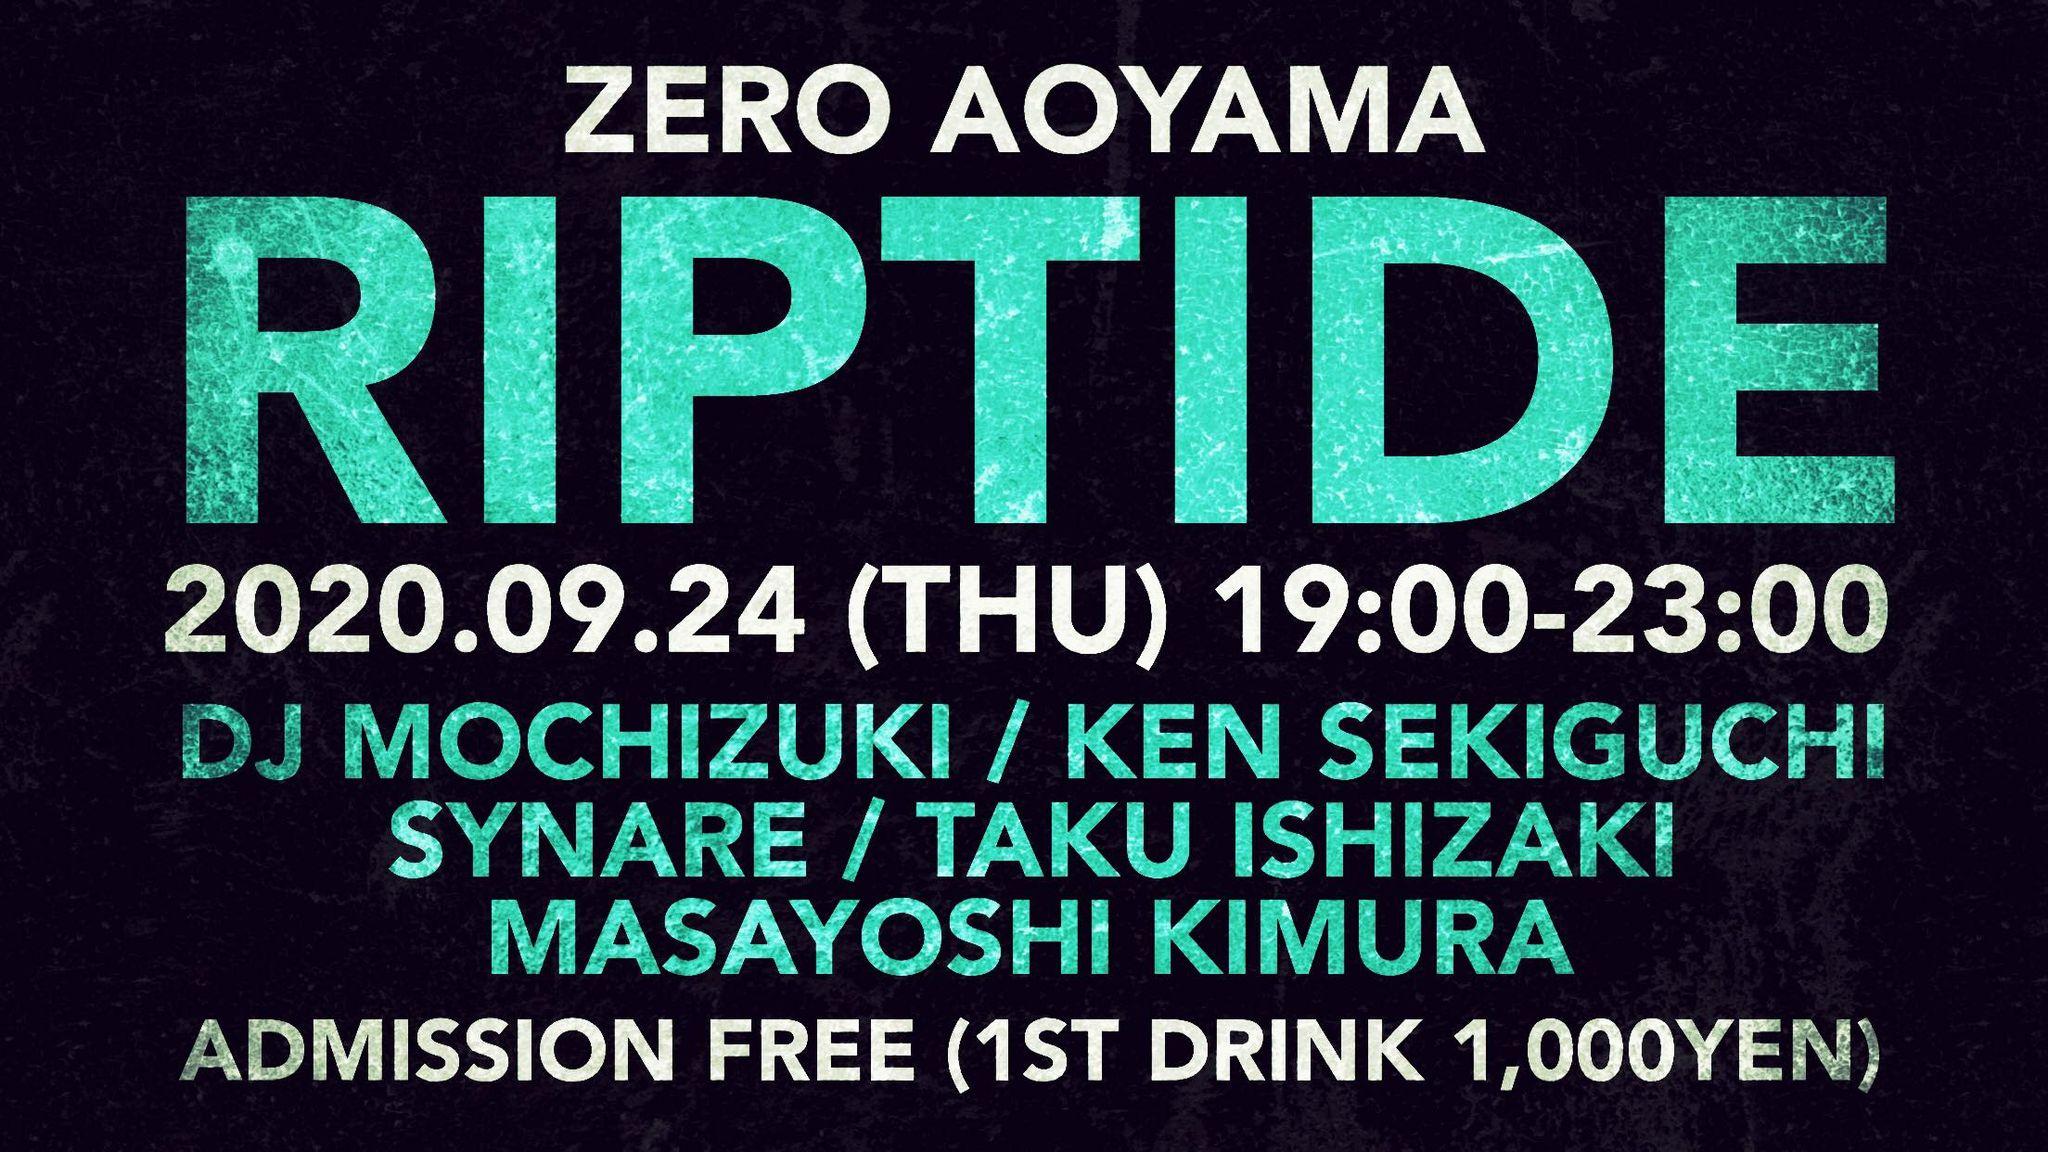 【riptide】@ ZERO